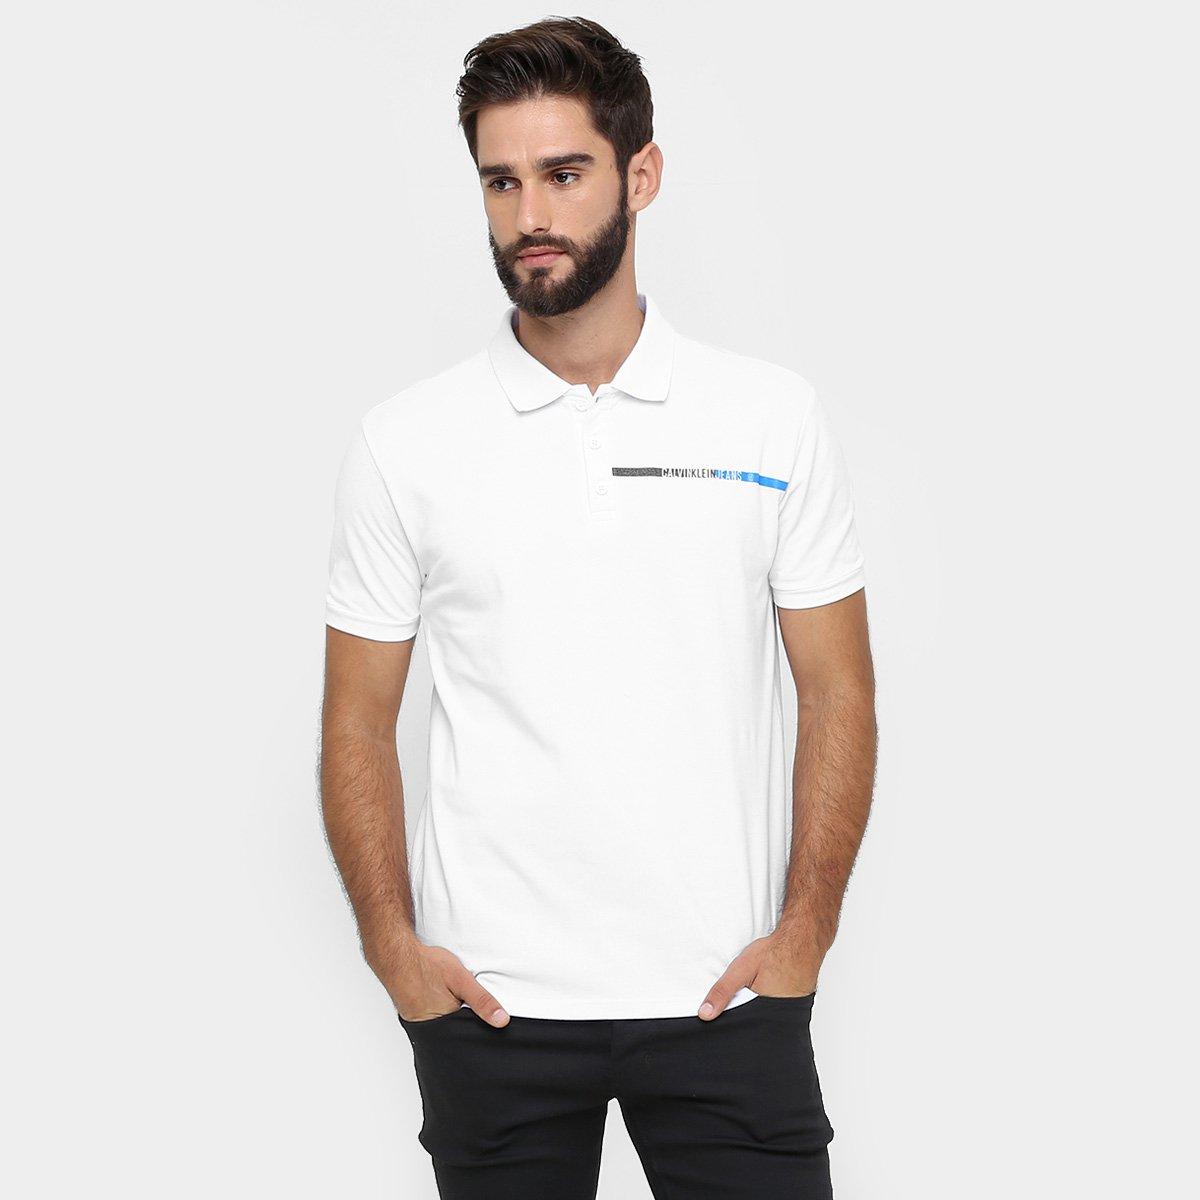 c8e1594146 Camisa Polo Calvin Klein Piquet Básica - Compre Agora